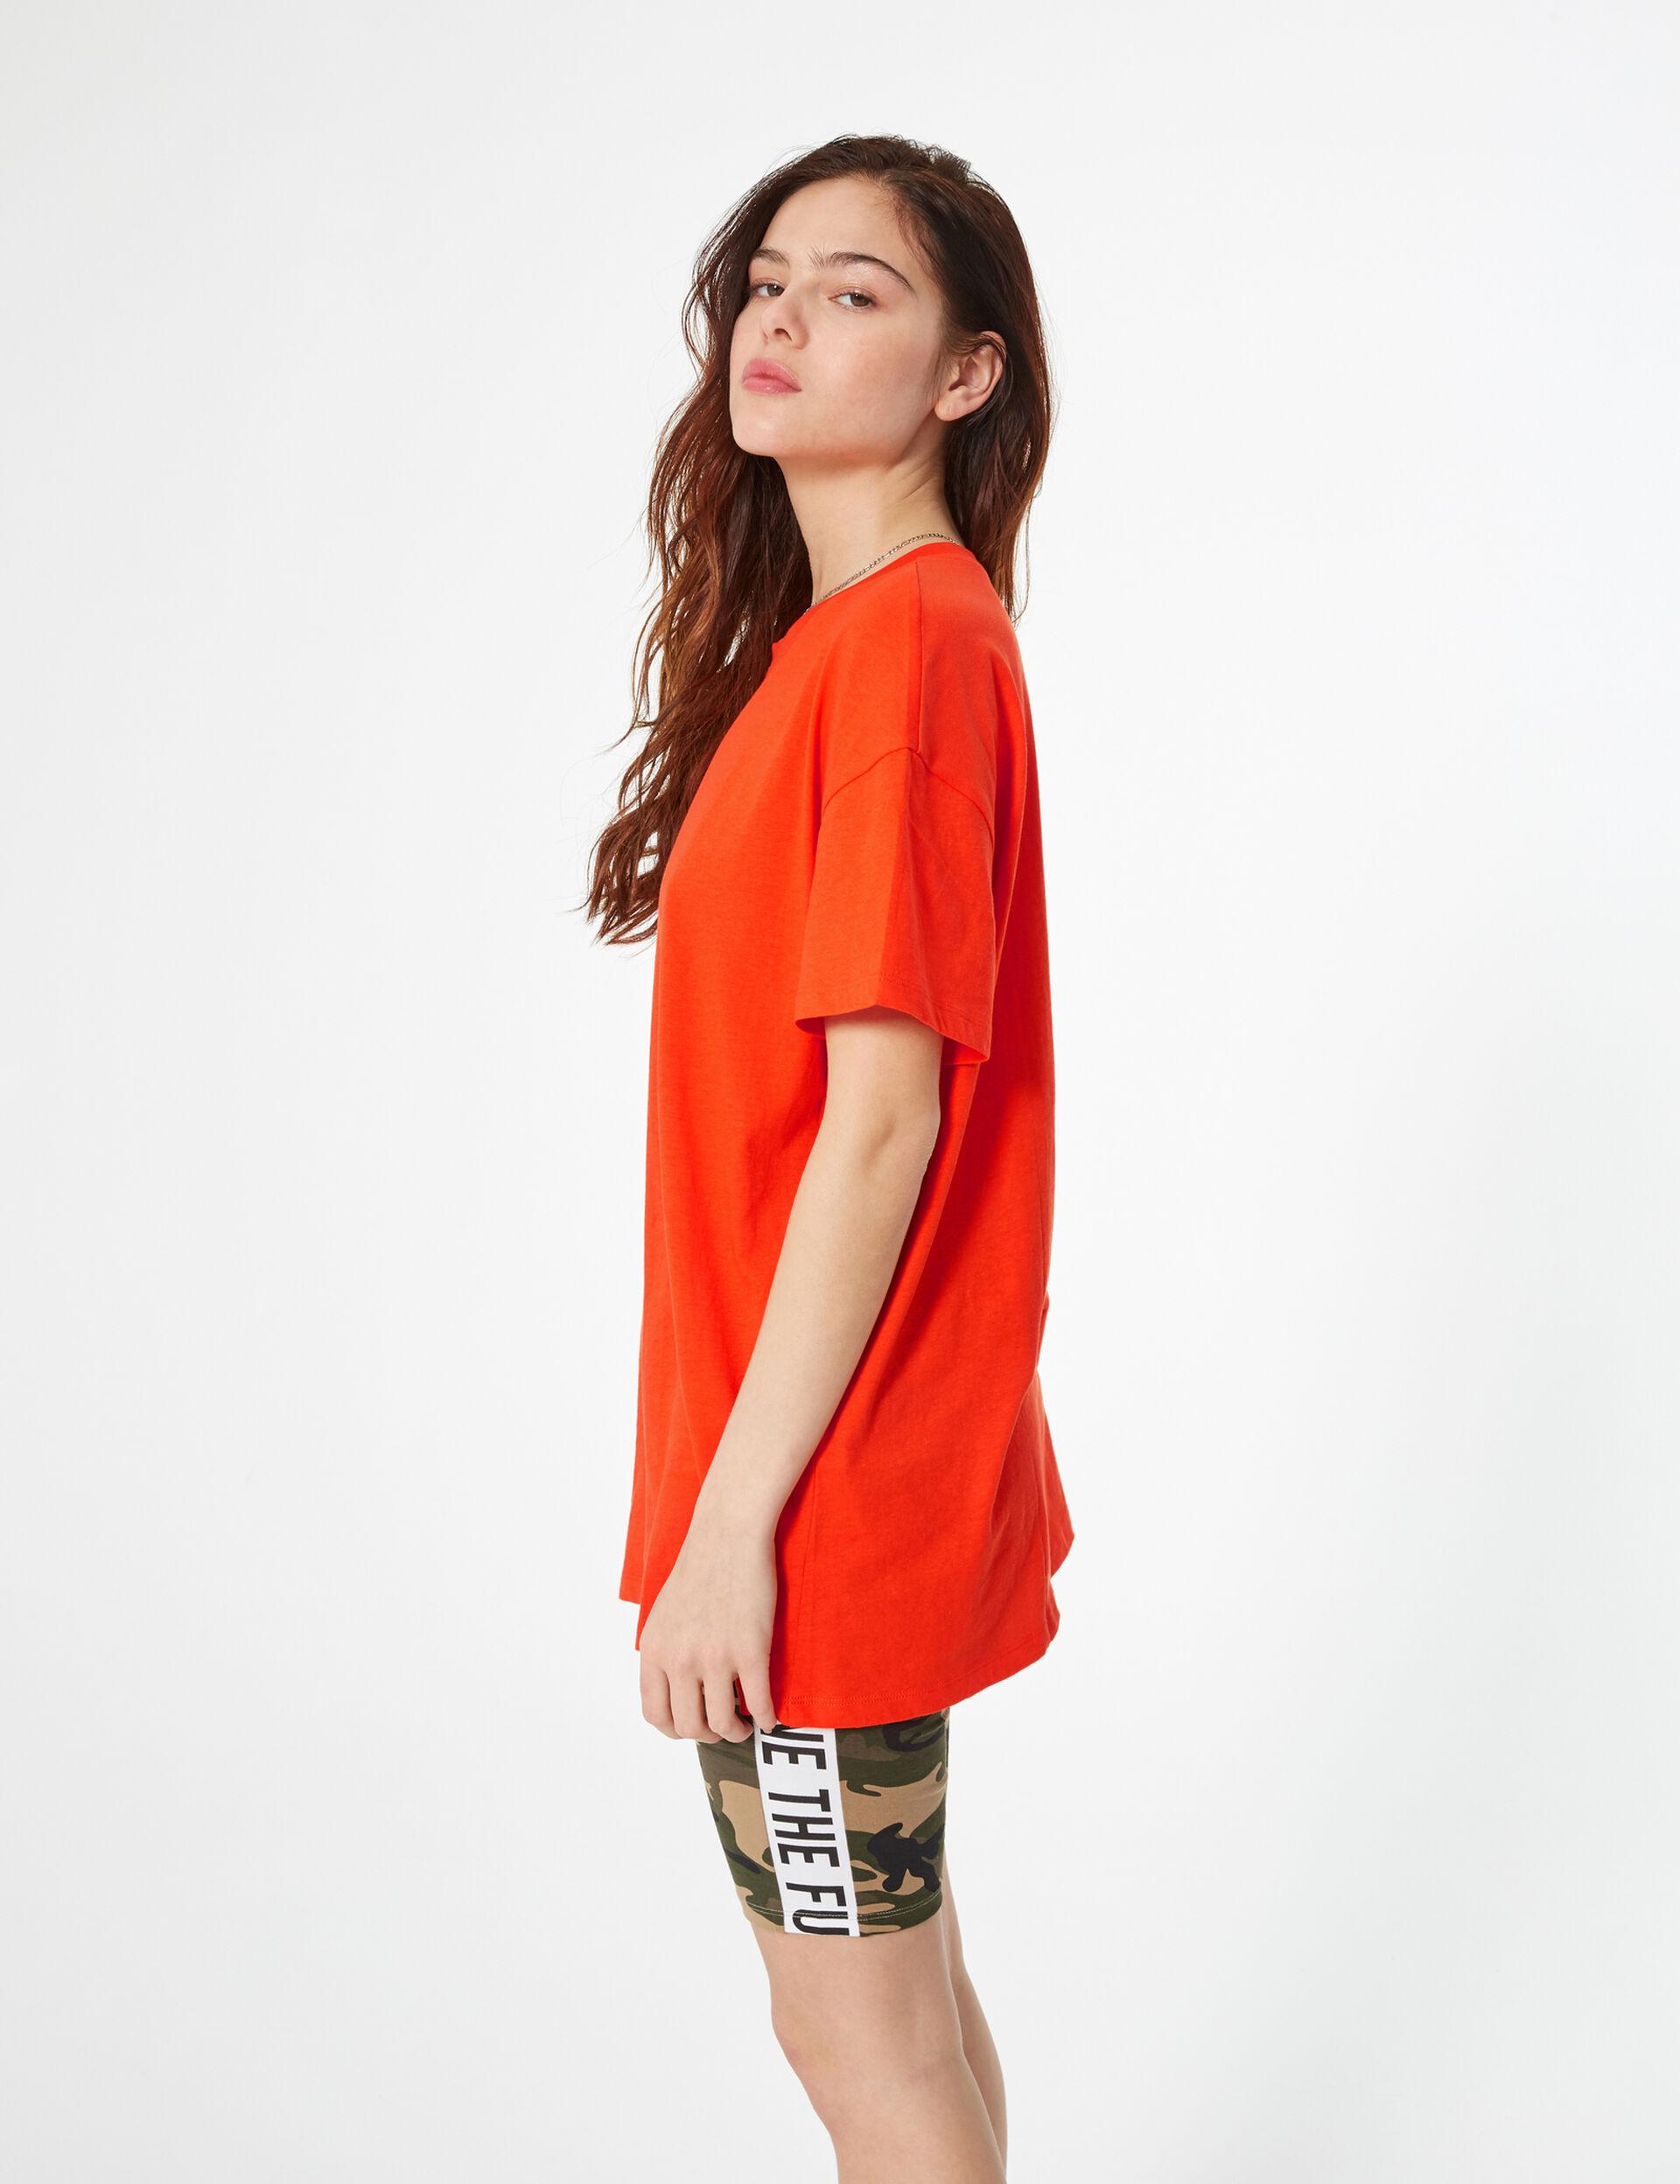 Oversize t-shirt